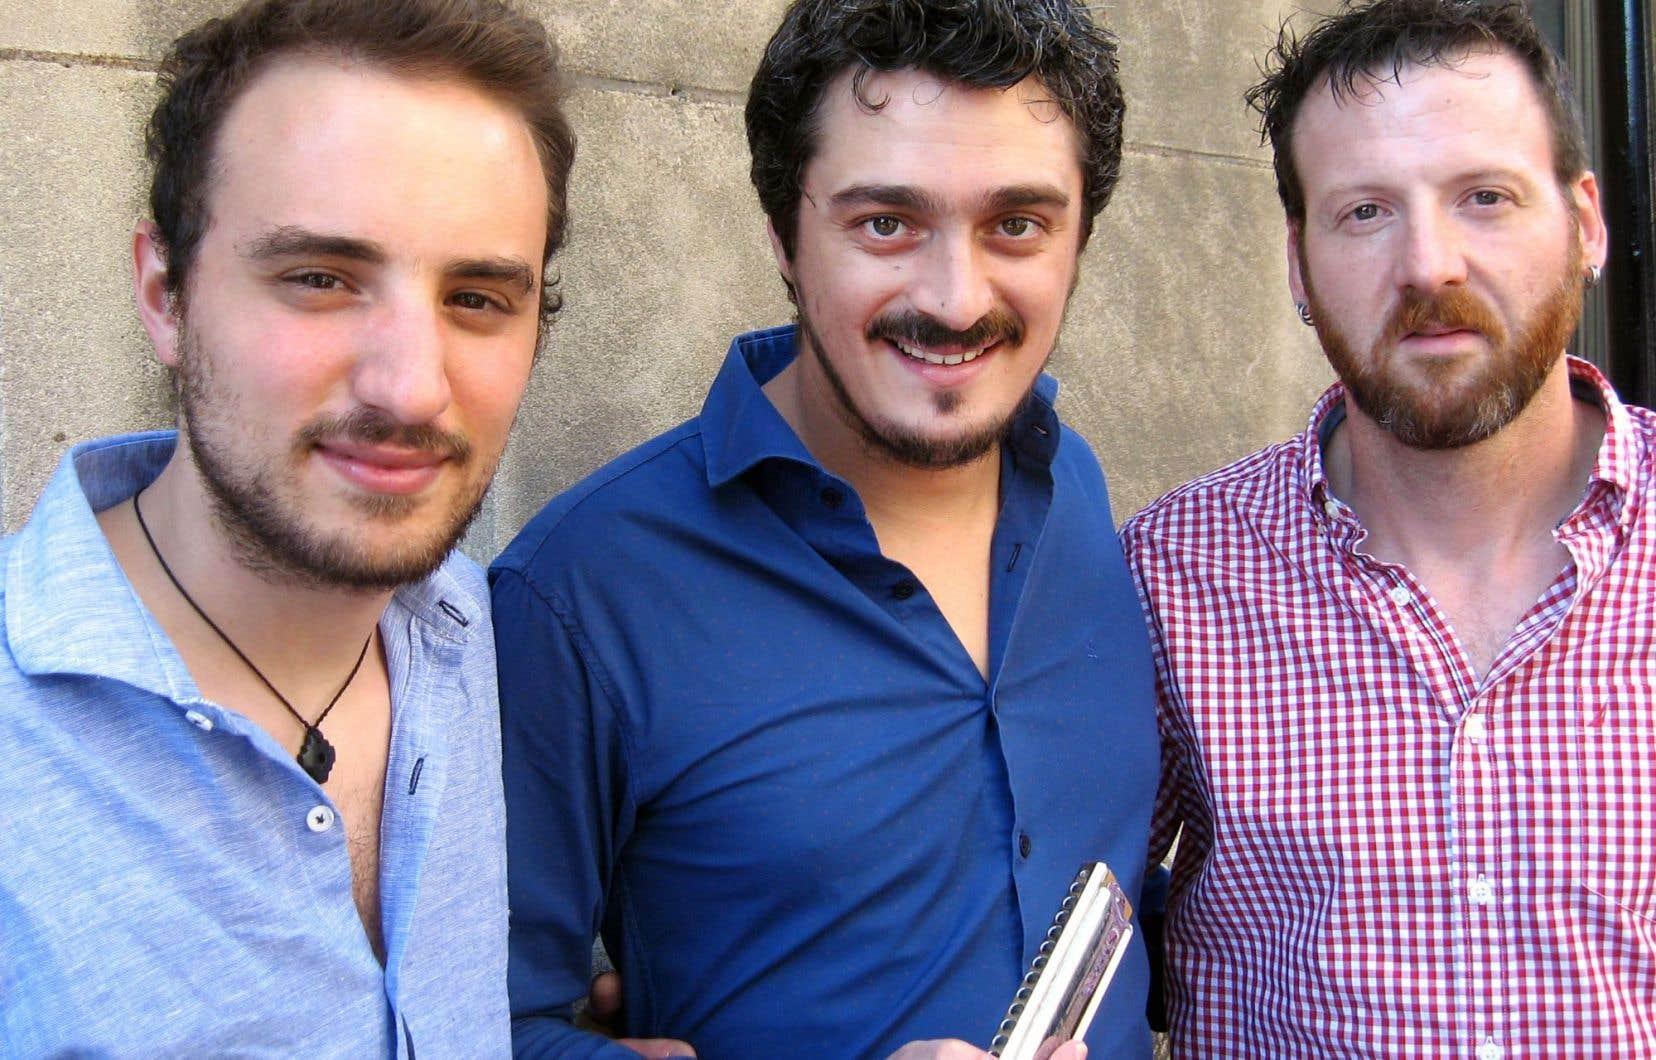 Franco Luciani tourne au Québec et en Ontario avec son polyvalent trio, qui peut s'adapter à tous les styles de musique argentine.